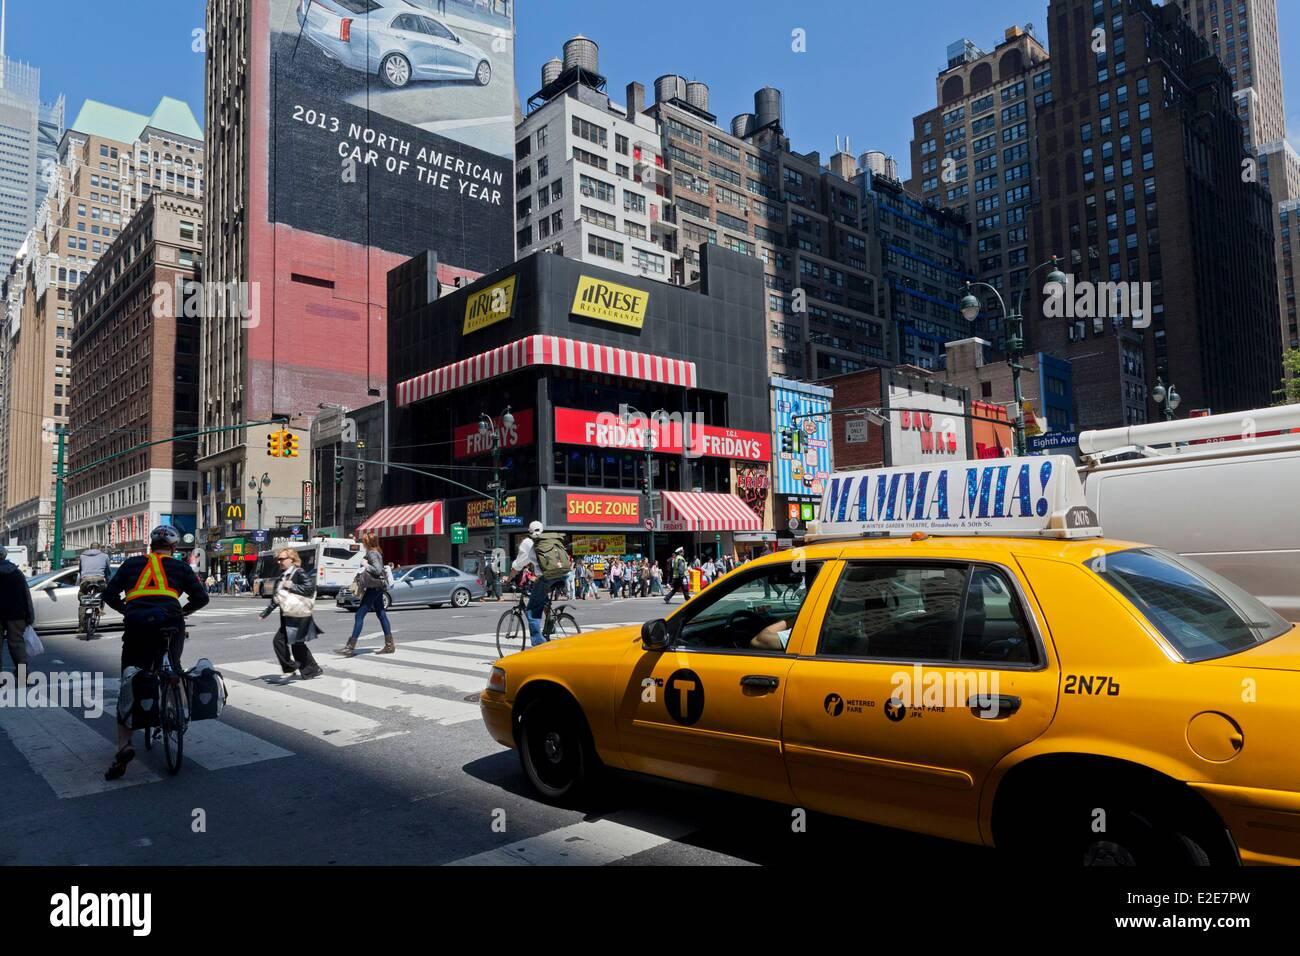 Vereinigte Staaten, New York, Manhattan, Midtown, 34th Straße Kreuzung mit der 8th Avenue, das Herz der Stadt Stockbild